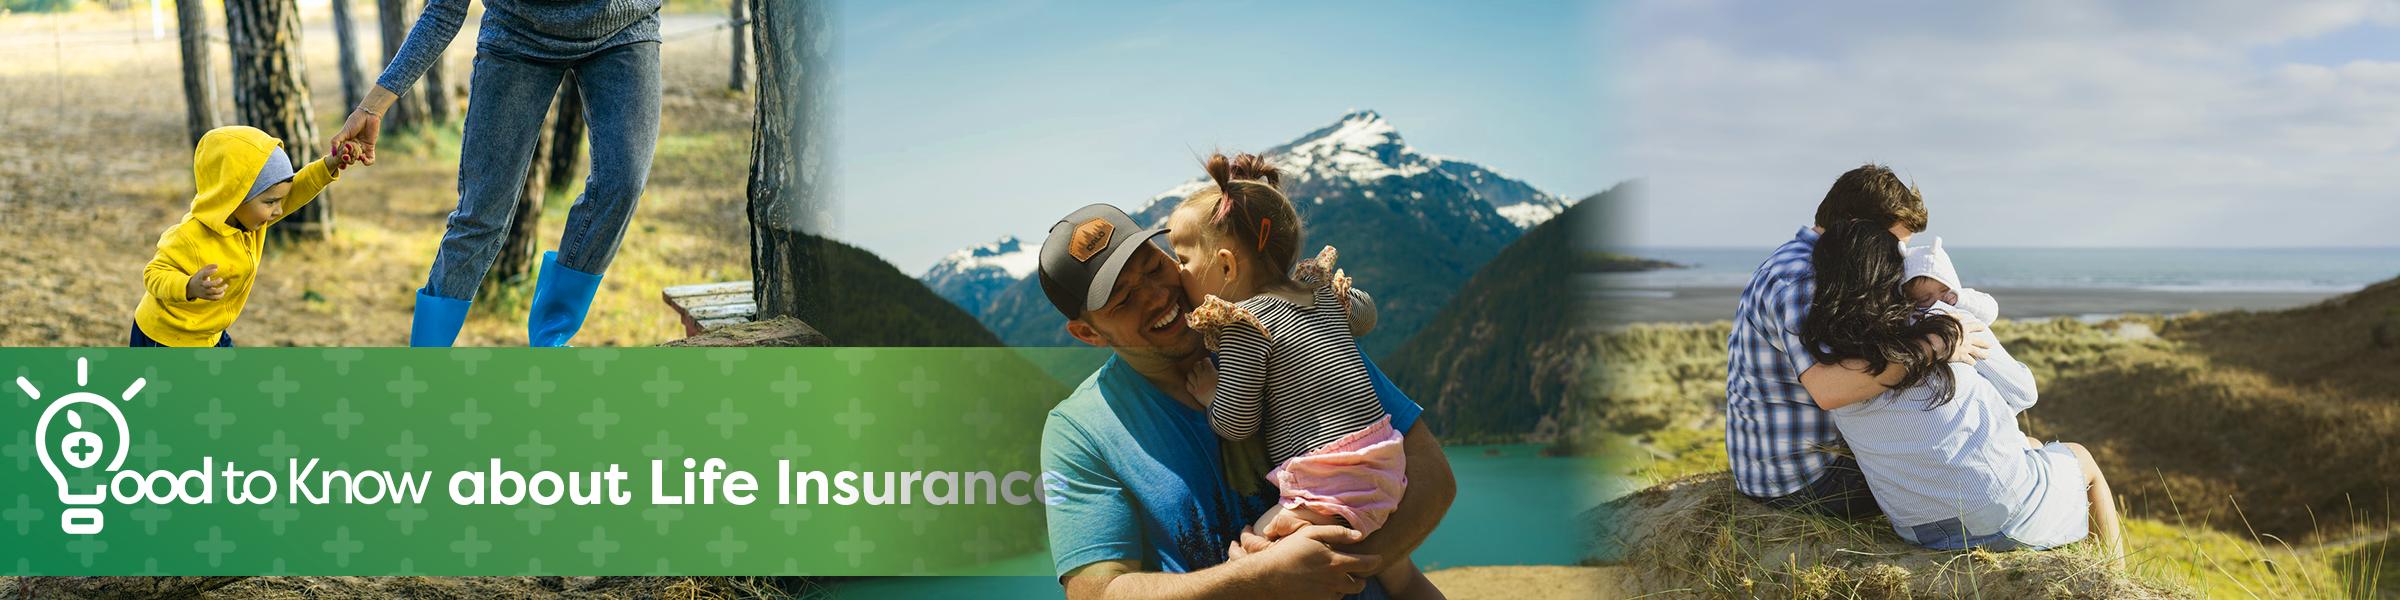 life insurance blog banner